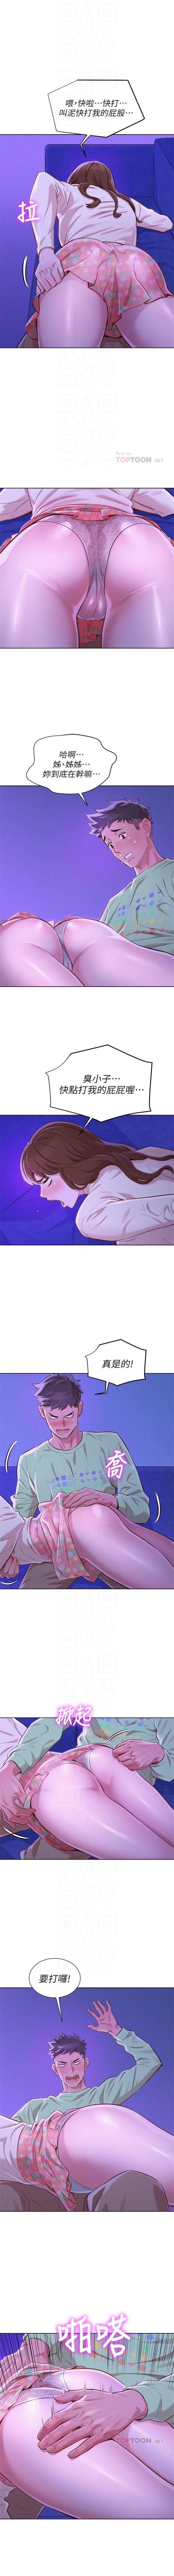 (周7)漂亮干姐姐  1-81 中文翻译 (更新中) 391